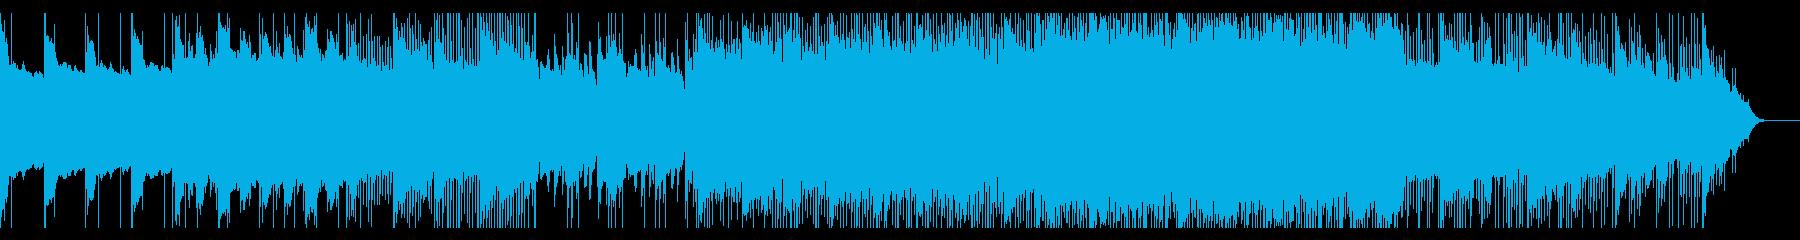 映画のエンドロール風・しっとりピアノ。の再生済みの波形